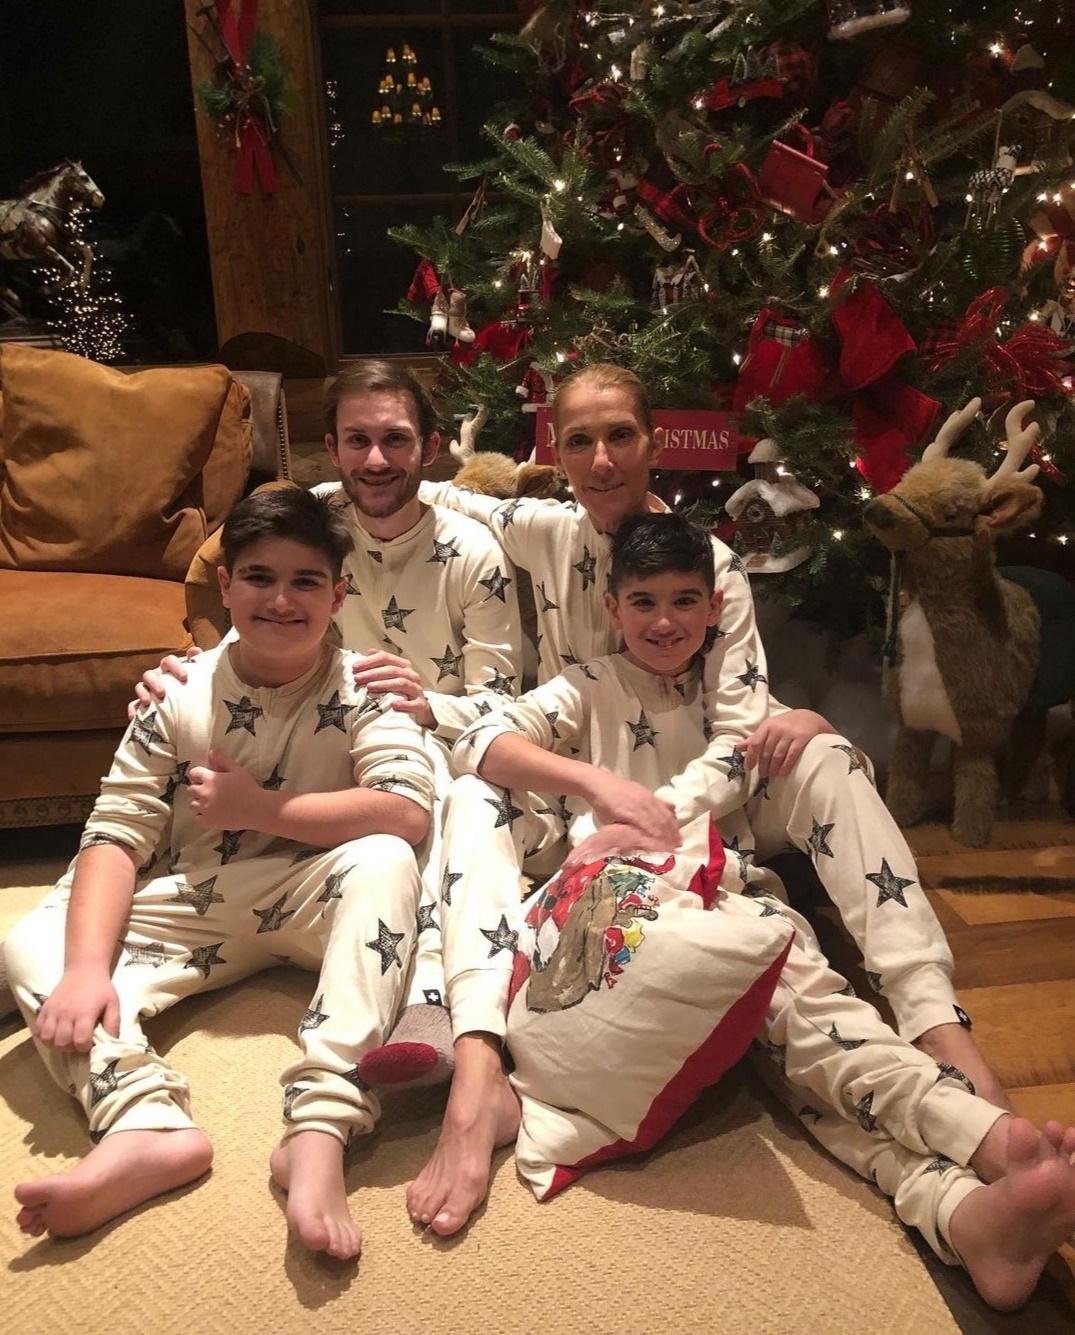 سيلين ديون وأبناؤها الثلاثة في احتفالات الكريسماس- الصورة من حساب سيلين ديون على إنستغرام